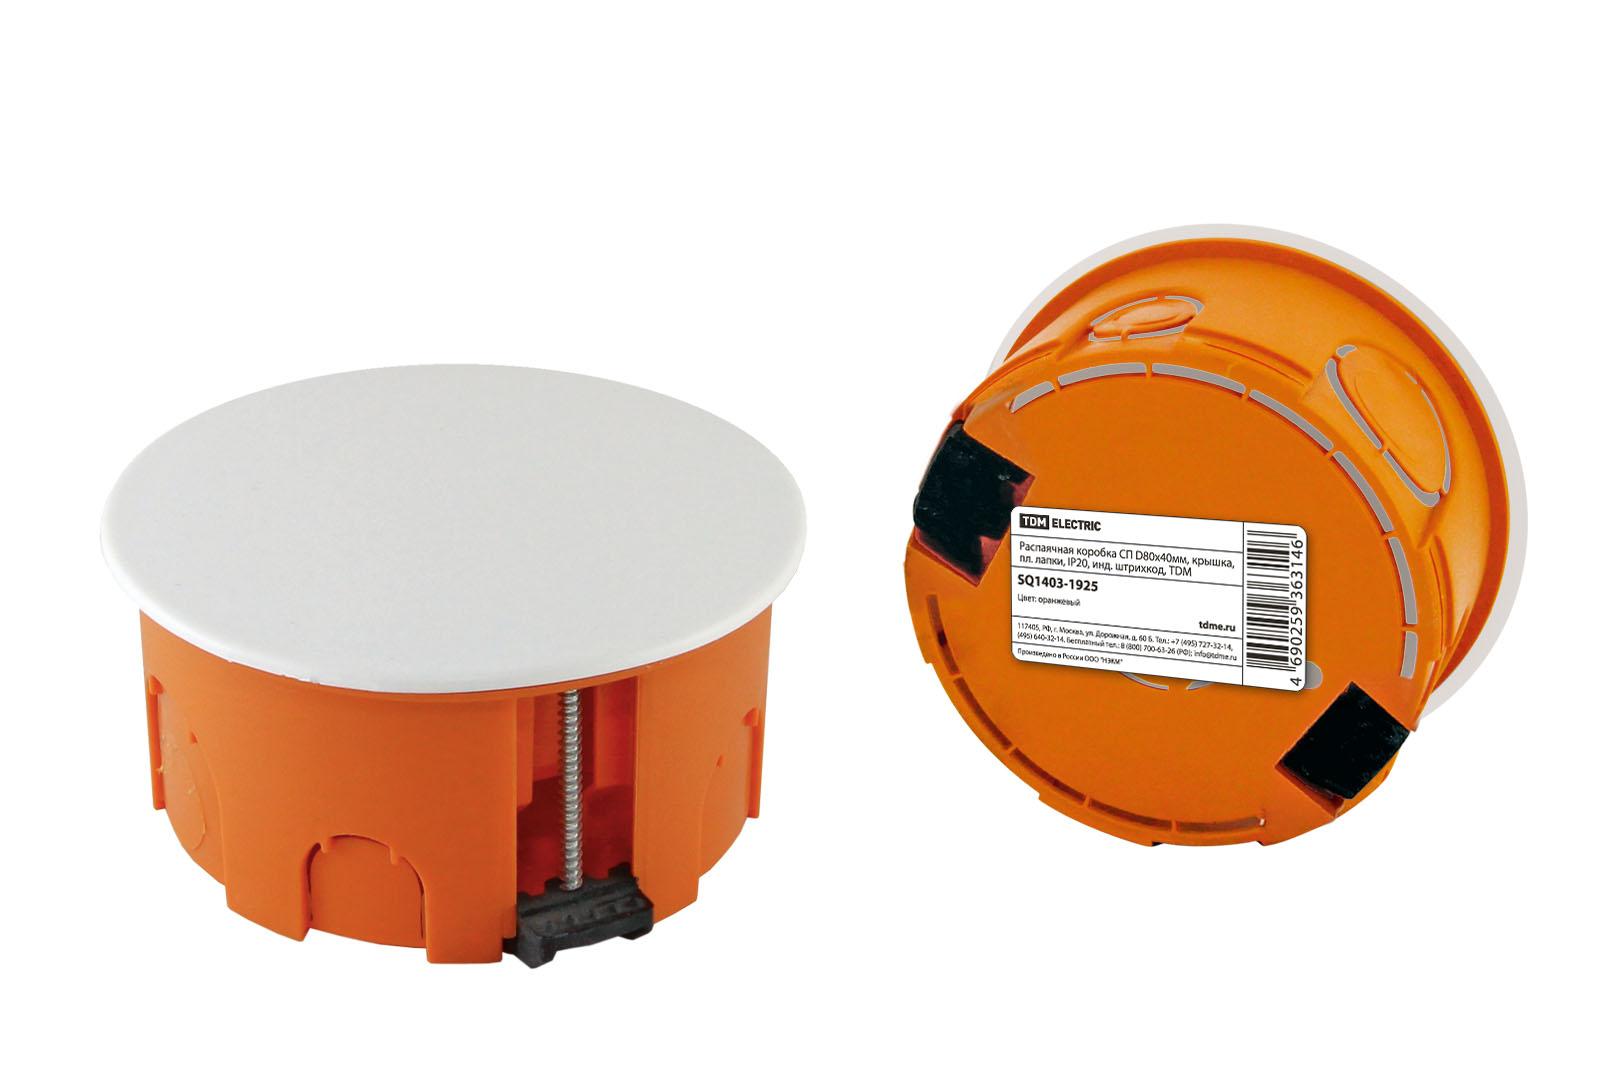 Фото Распаячная коробка СП D80х40мм, крышка, пл. лапки, IP20, инд. штрихкод, TDM {SQ1403-1925}